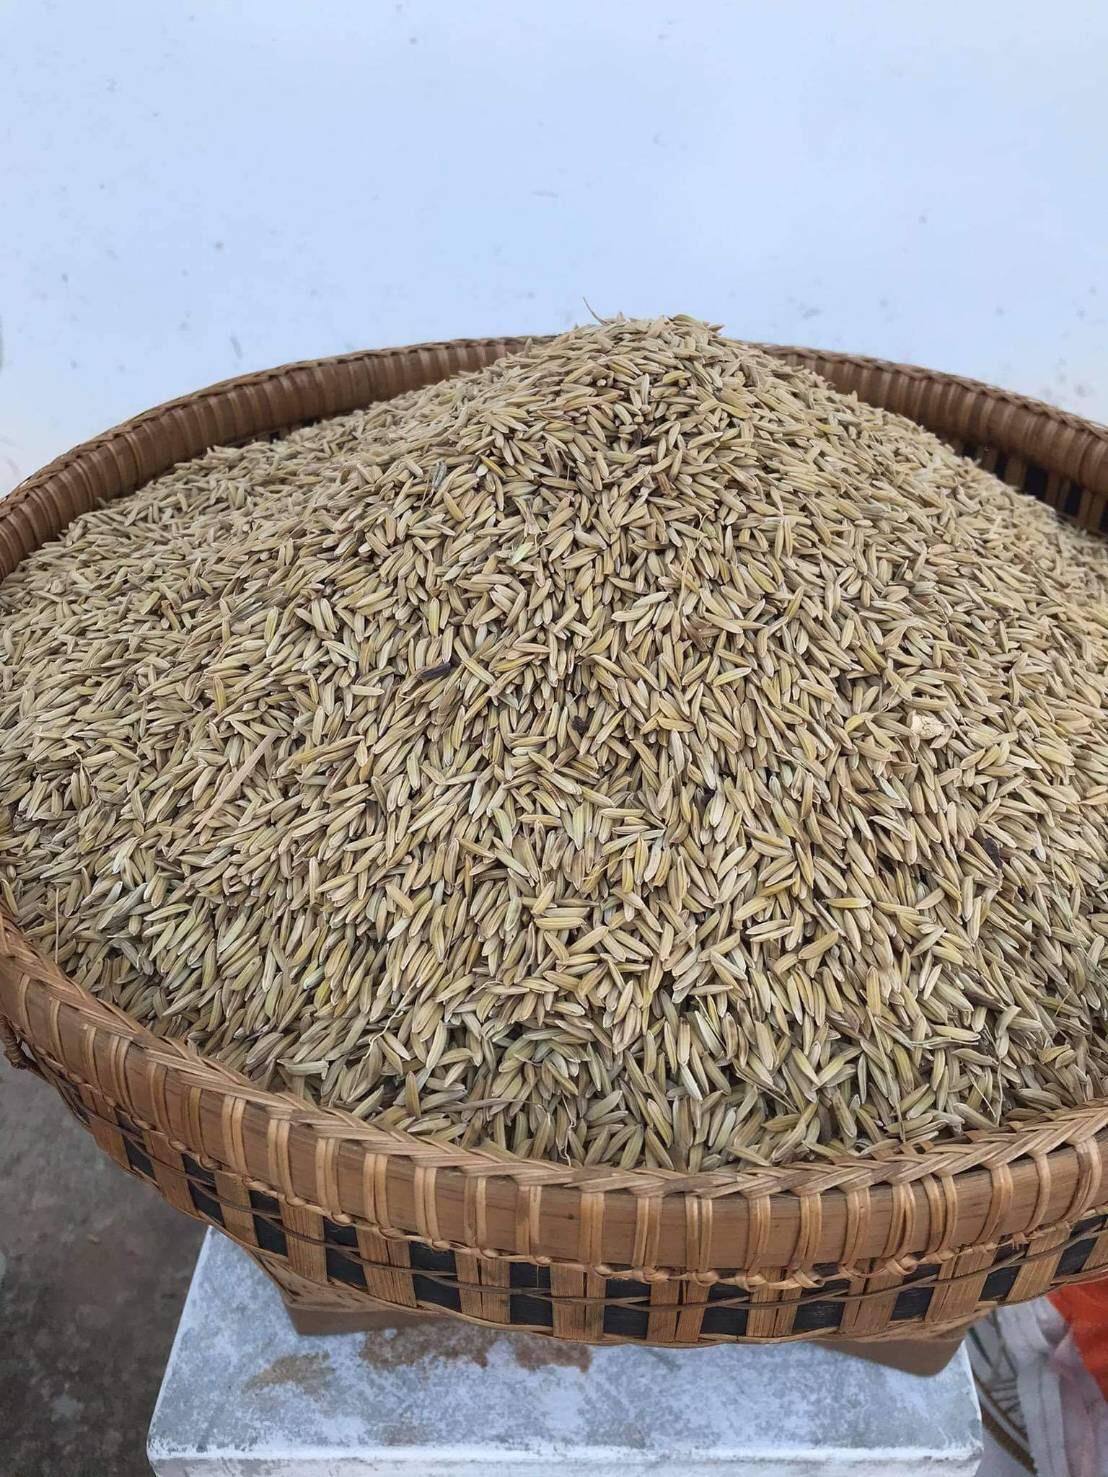 กรมการข้าวถวายเมล็ดพันธุ์ข้าวพันธุ์ดี แด่สมเด็จพระกนิษฐาธิราชเจ้า กรมสมเด็จพระเทพรัตนราชสุดาฯ